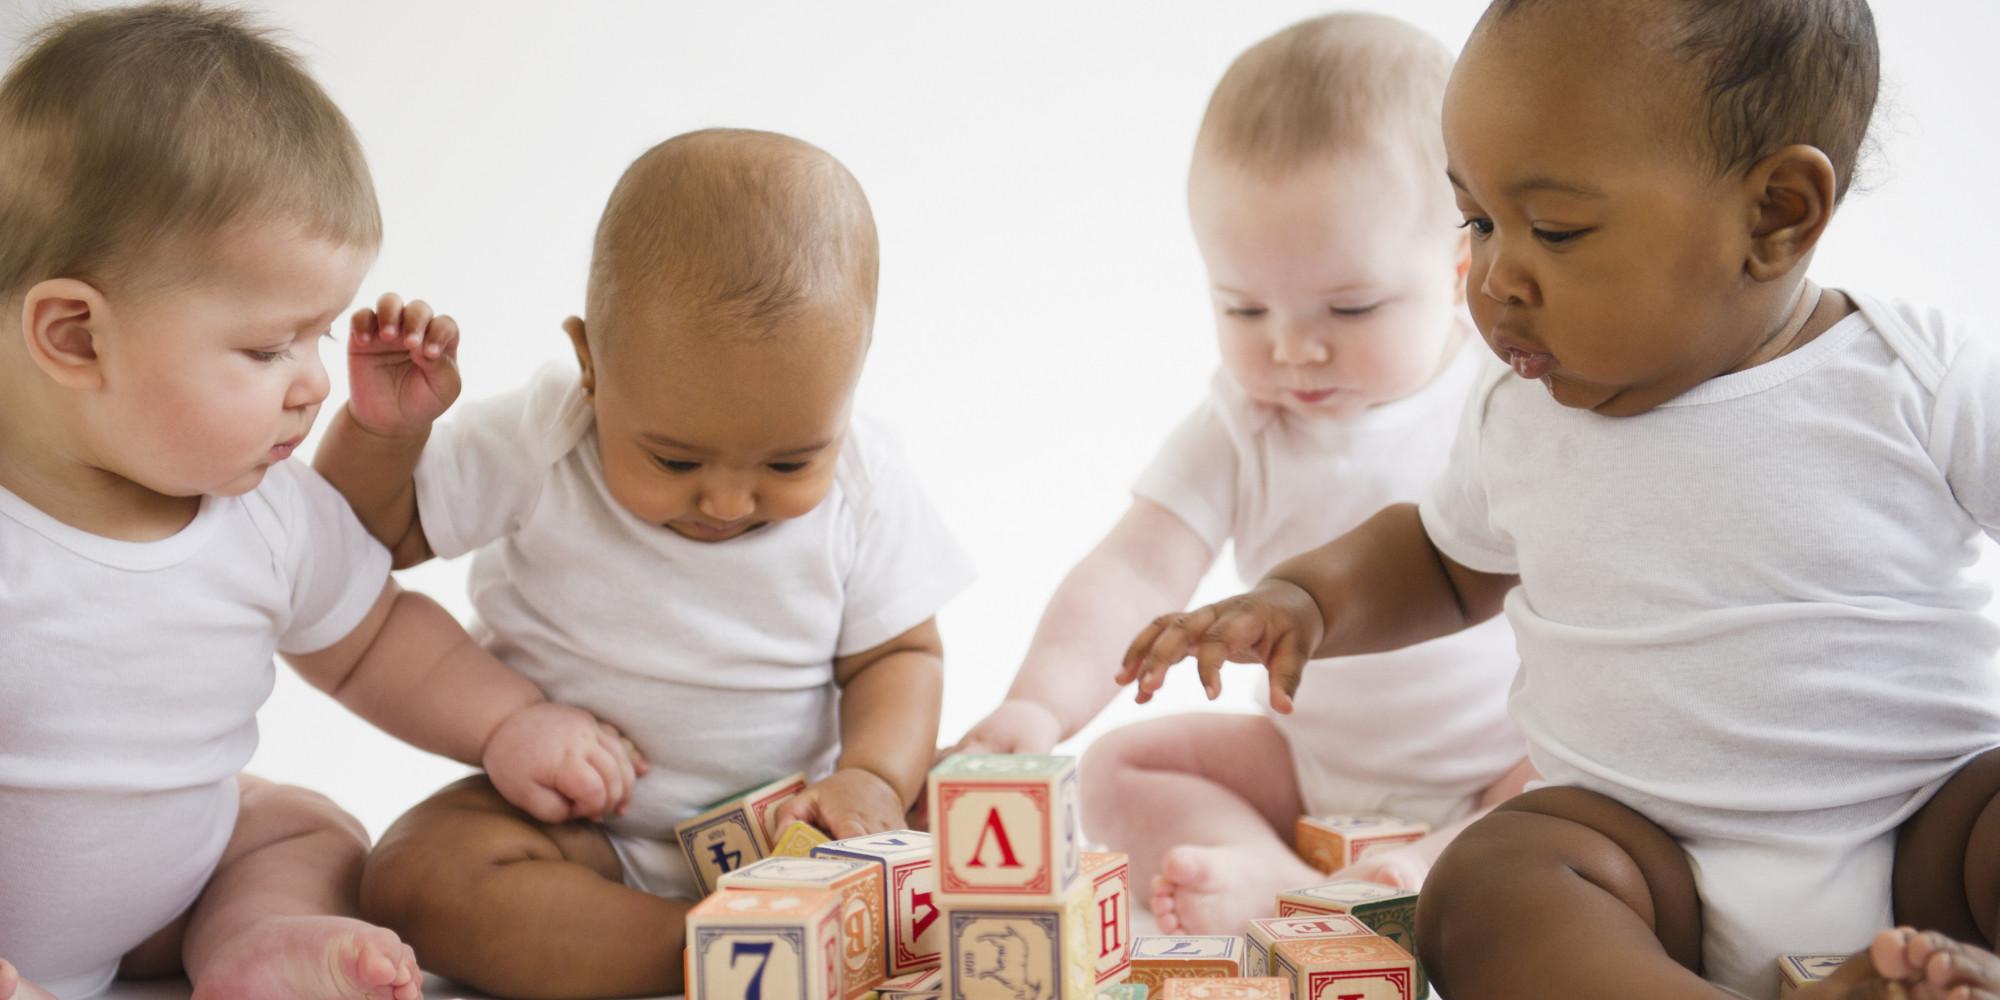 l'importanza della socializzazione tra bambini